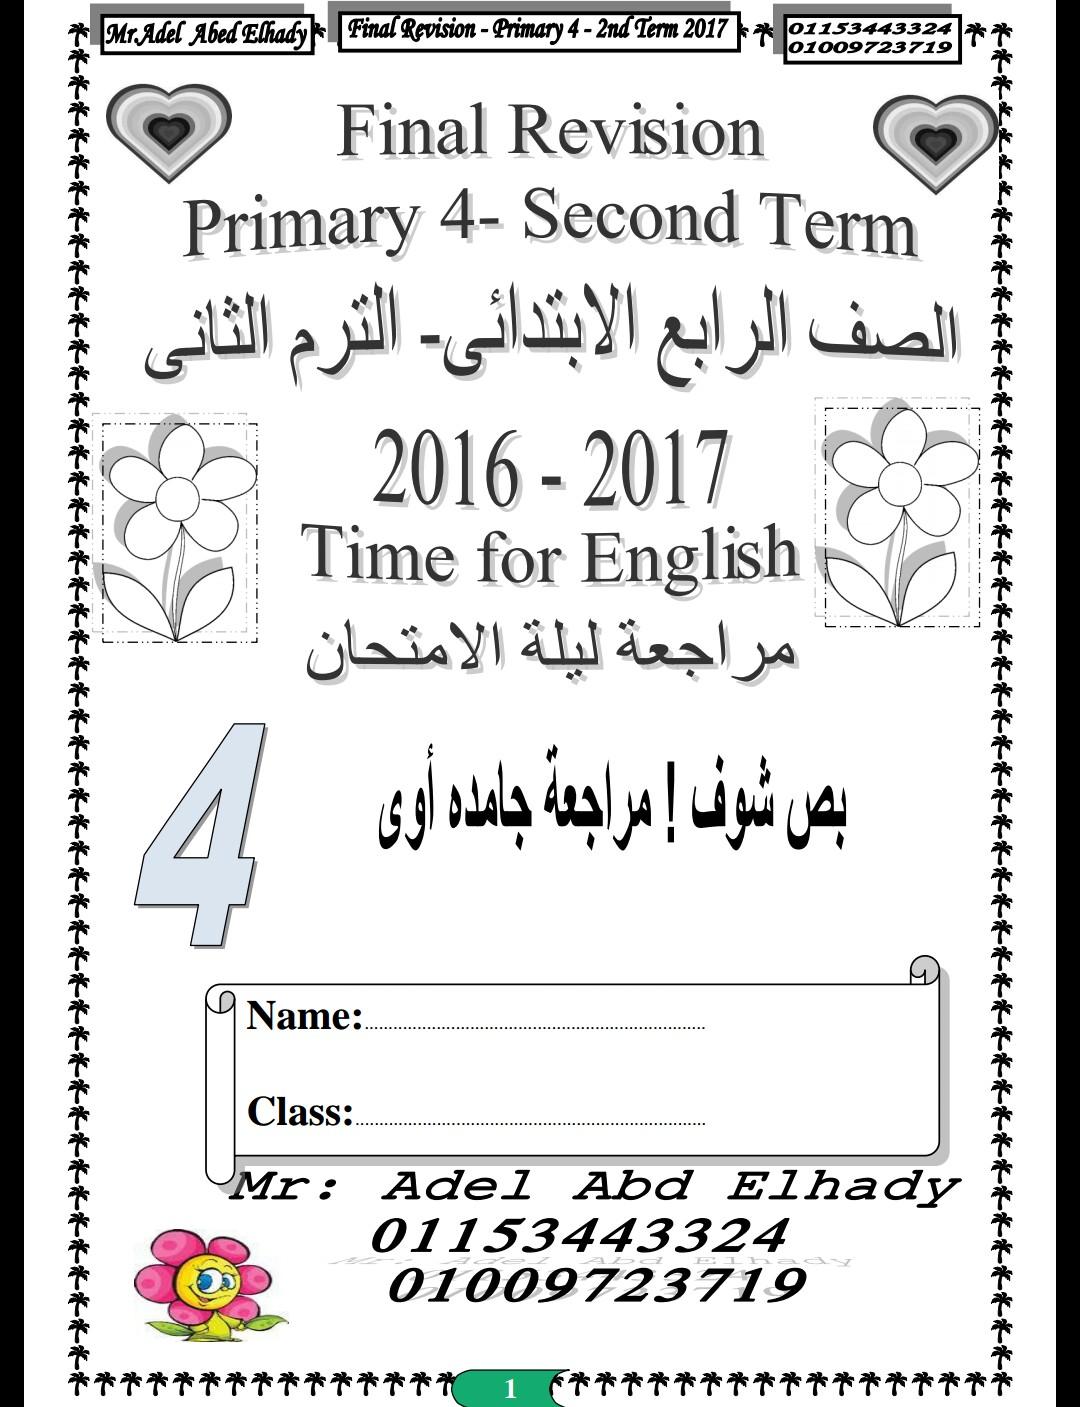 تحميل مراجعة ليلة الامتحان اللغة الانجليزية,  للصف الرابع الابتدائي الترم الثاني ، مستر عادل عبد الهادي